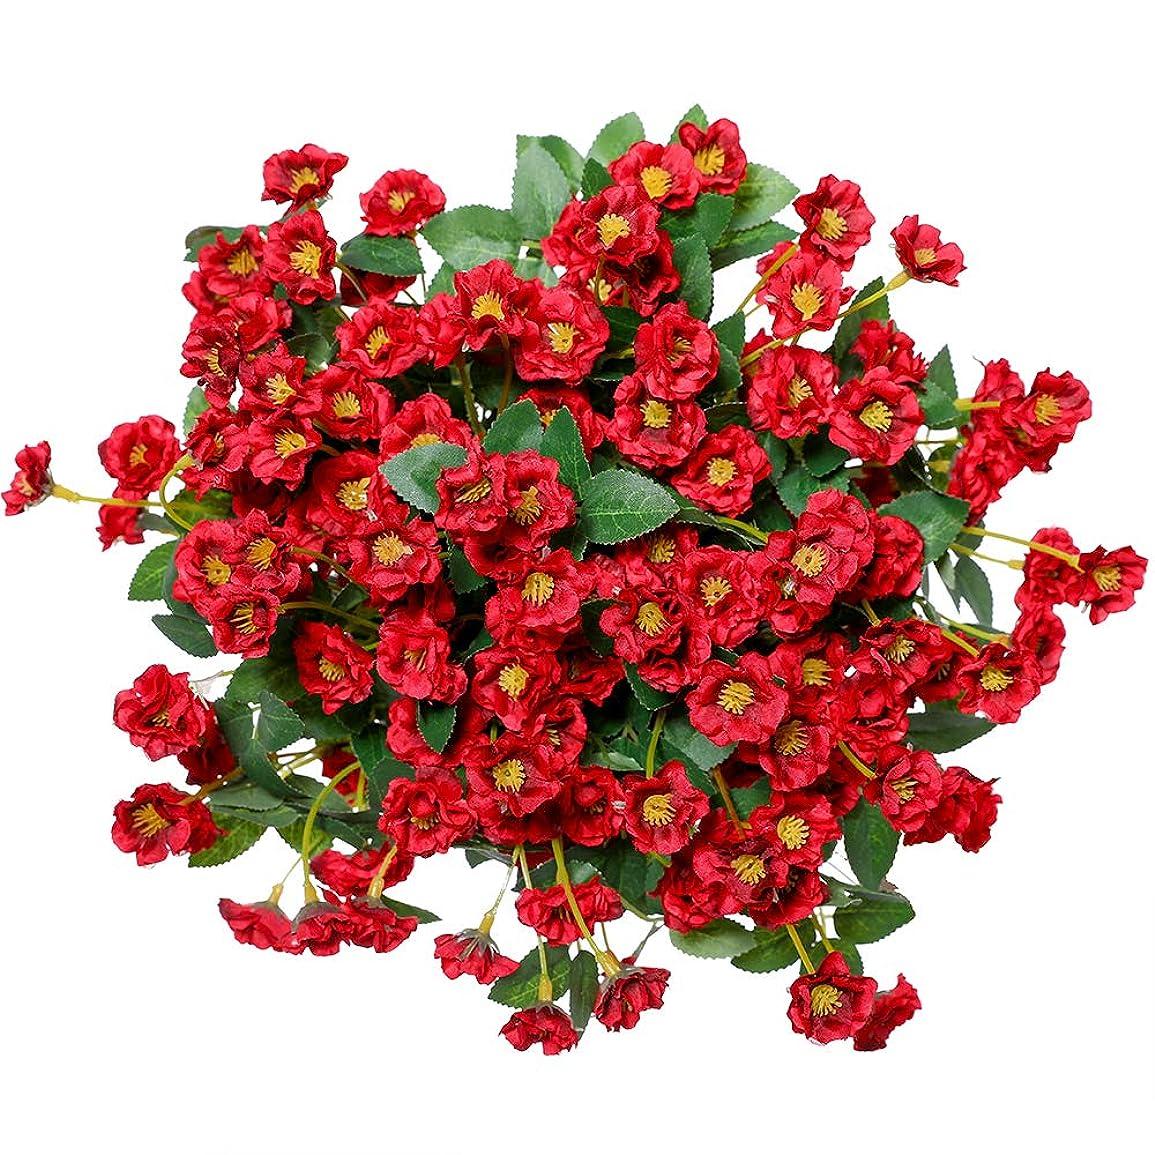 いい生活 3本 小さなバラ 造花 花束 飾花 枯れない花 インテリア 結婚式 家 事務所 喫茶店 会合 装飾 人工植物 レッド